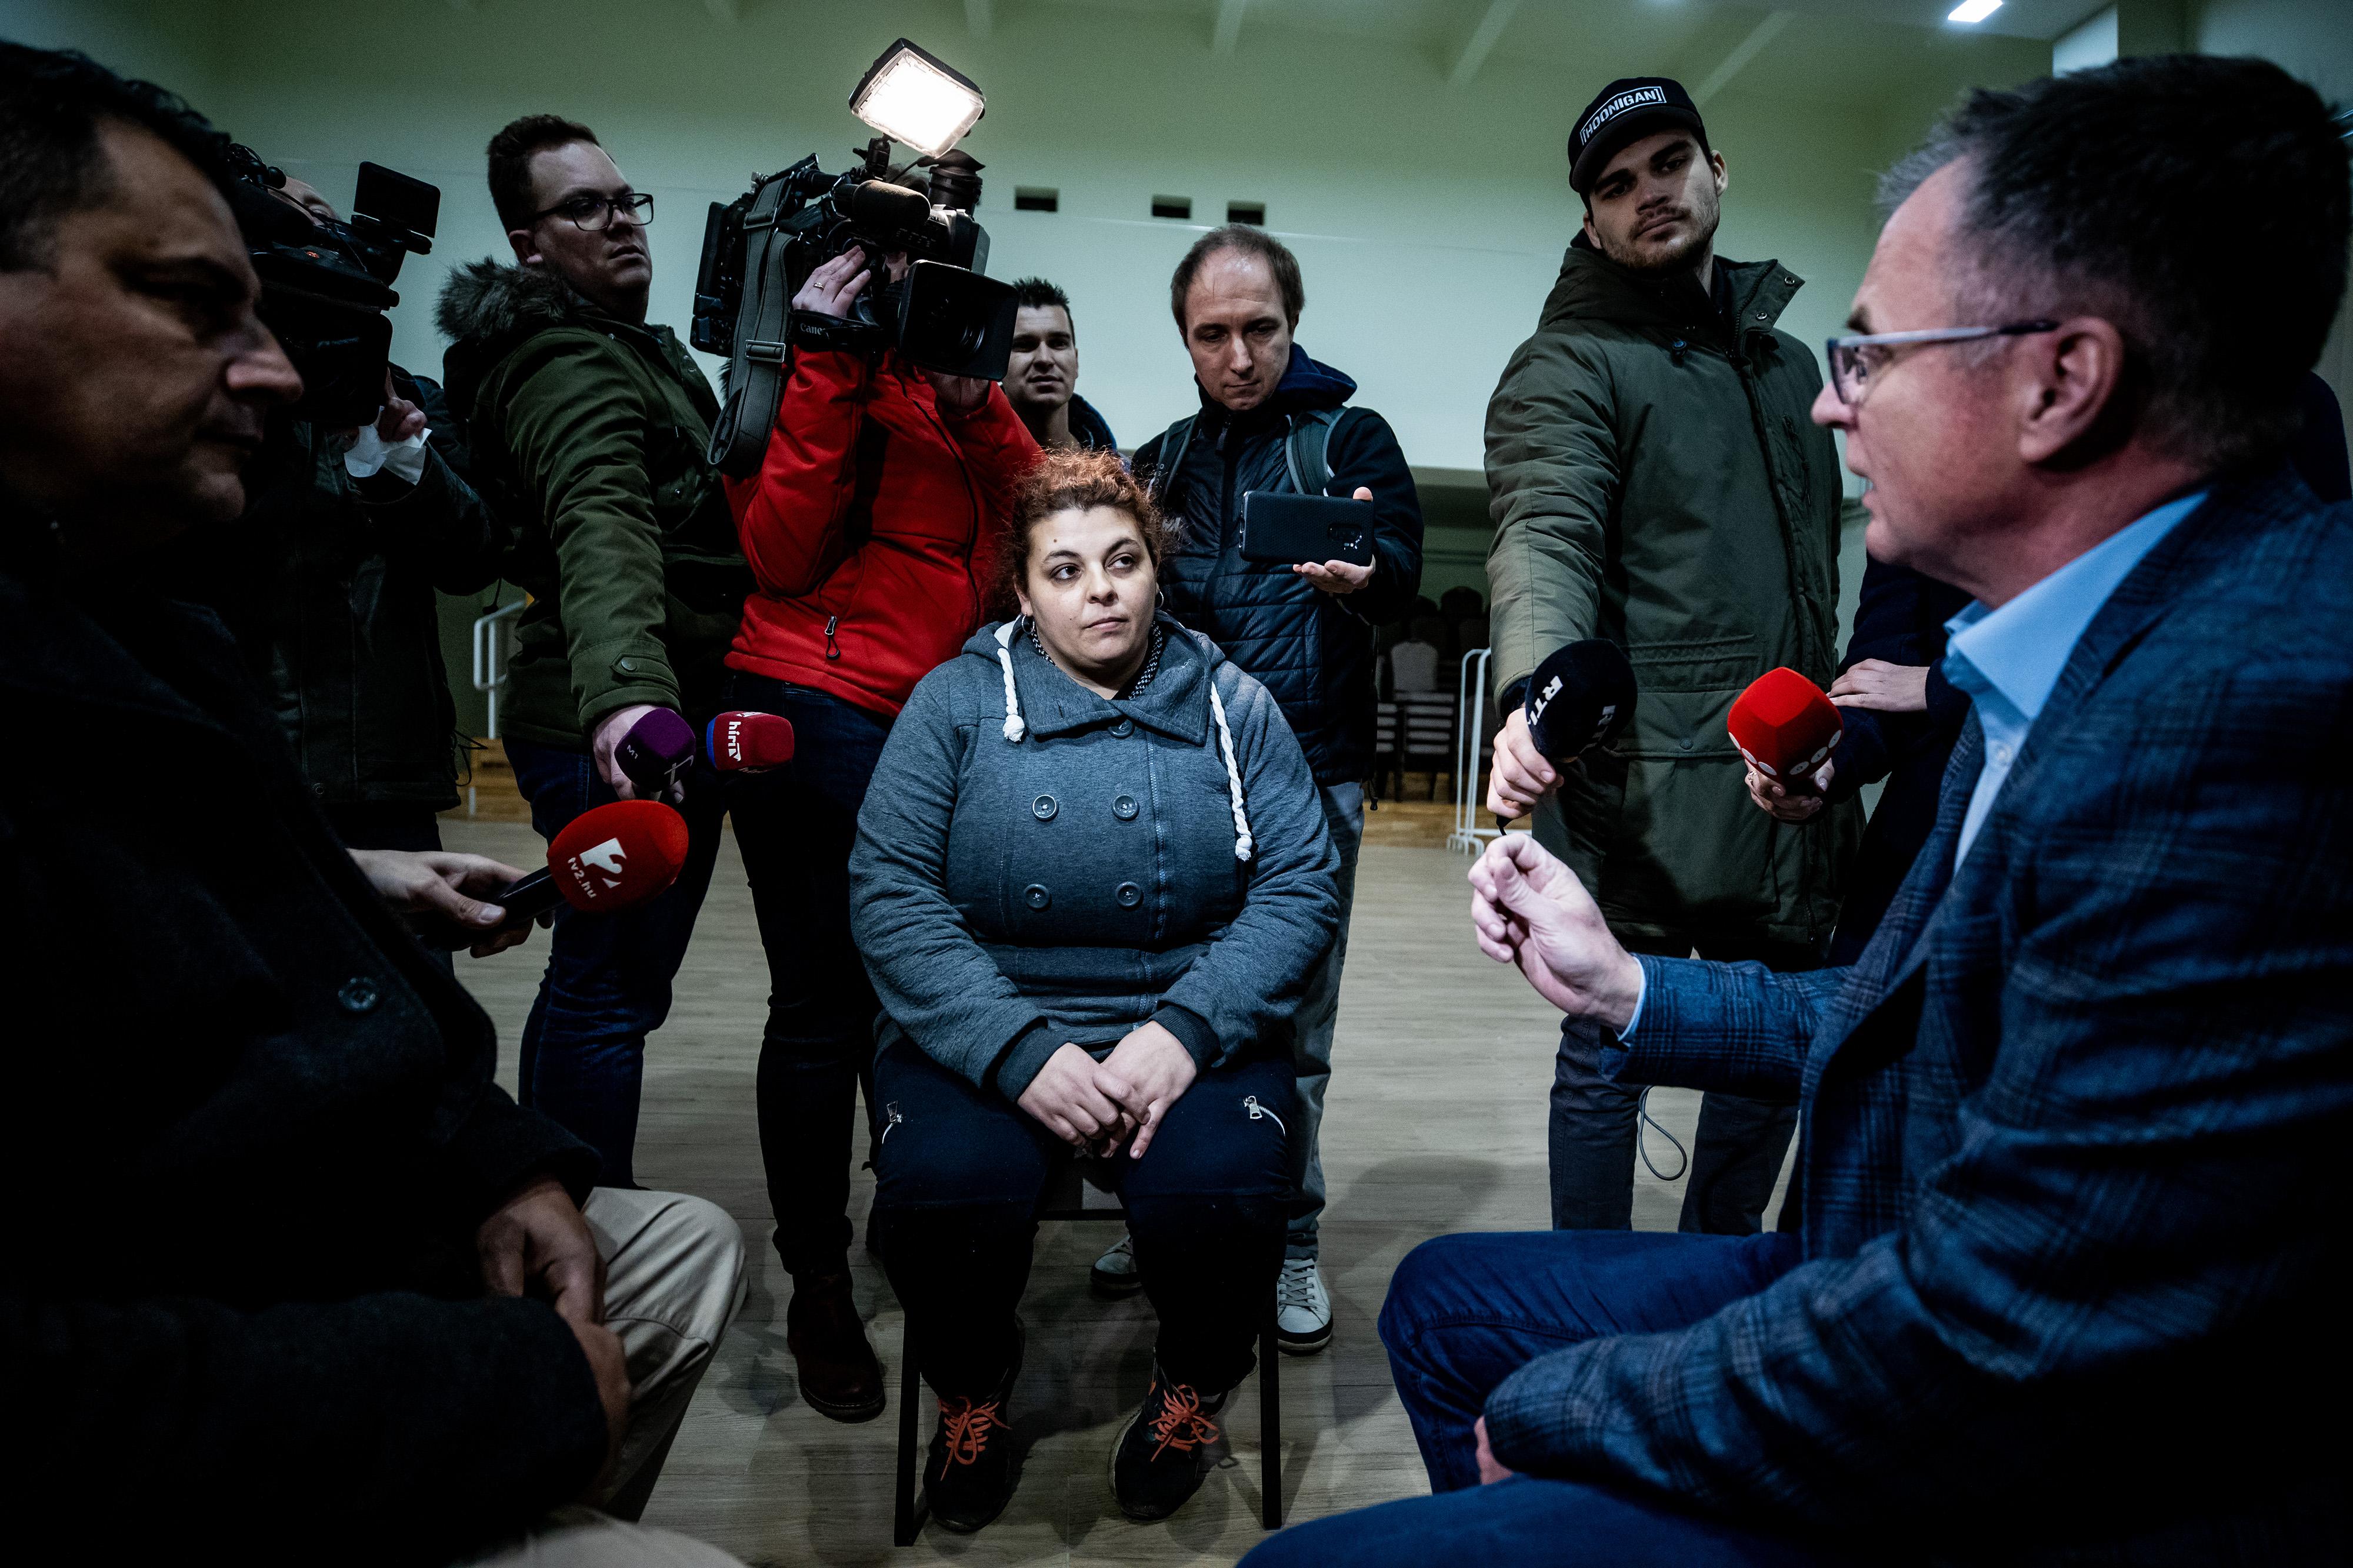 Egy gyöngyöspatai roma nő számonkérte a fideszes képviselőt, amiért az ő gyereke nem kapott normális oktatást